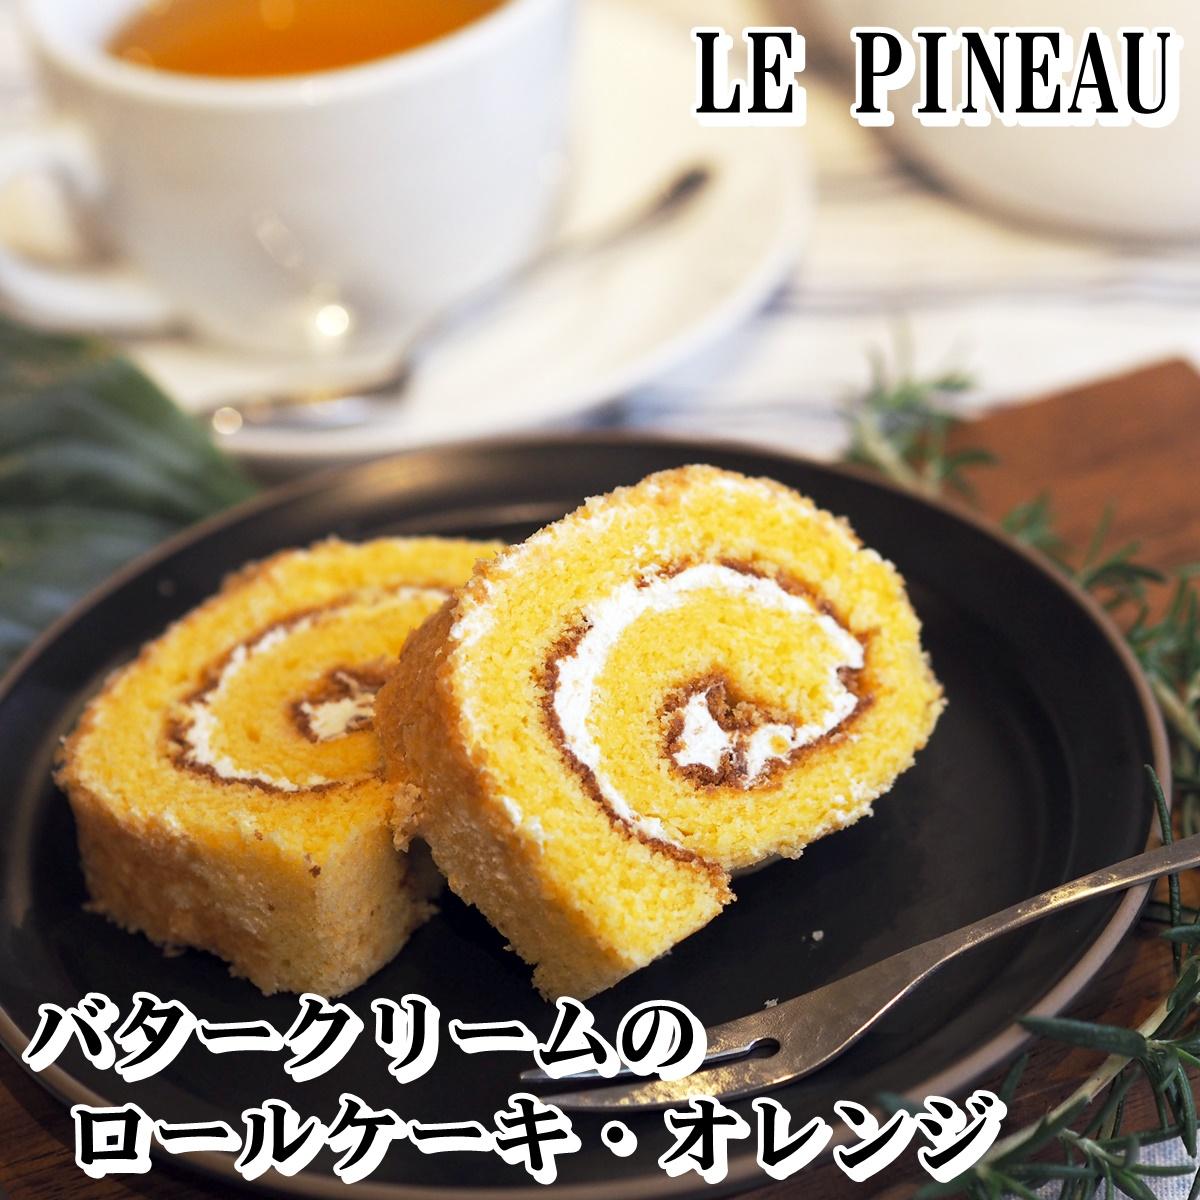 焼き菓子 詰合せ 手作り 洋菓子 クッキー ギフト 大阪土産 バターロール パウンドケーキ  バタークリーム ロールケーキ 母の日 ギフト【ルピノー】爐うる バターロールケーキ オレンジ 1本入り お中元 御歳暮 父の日のプレゼントに